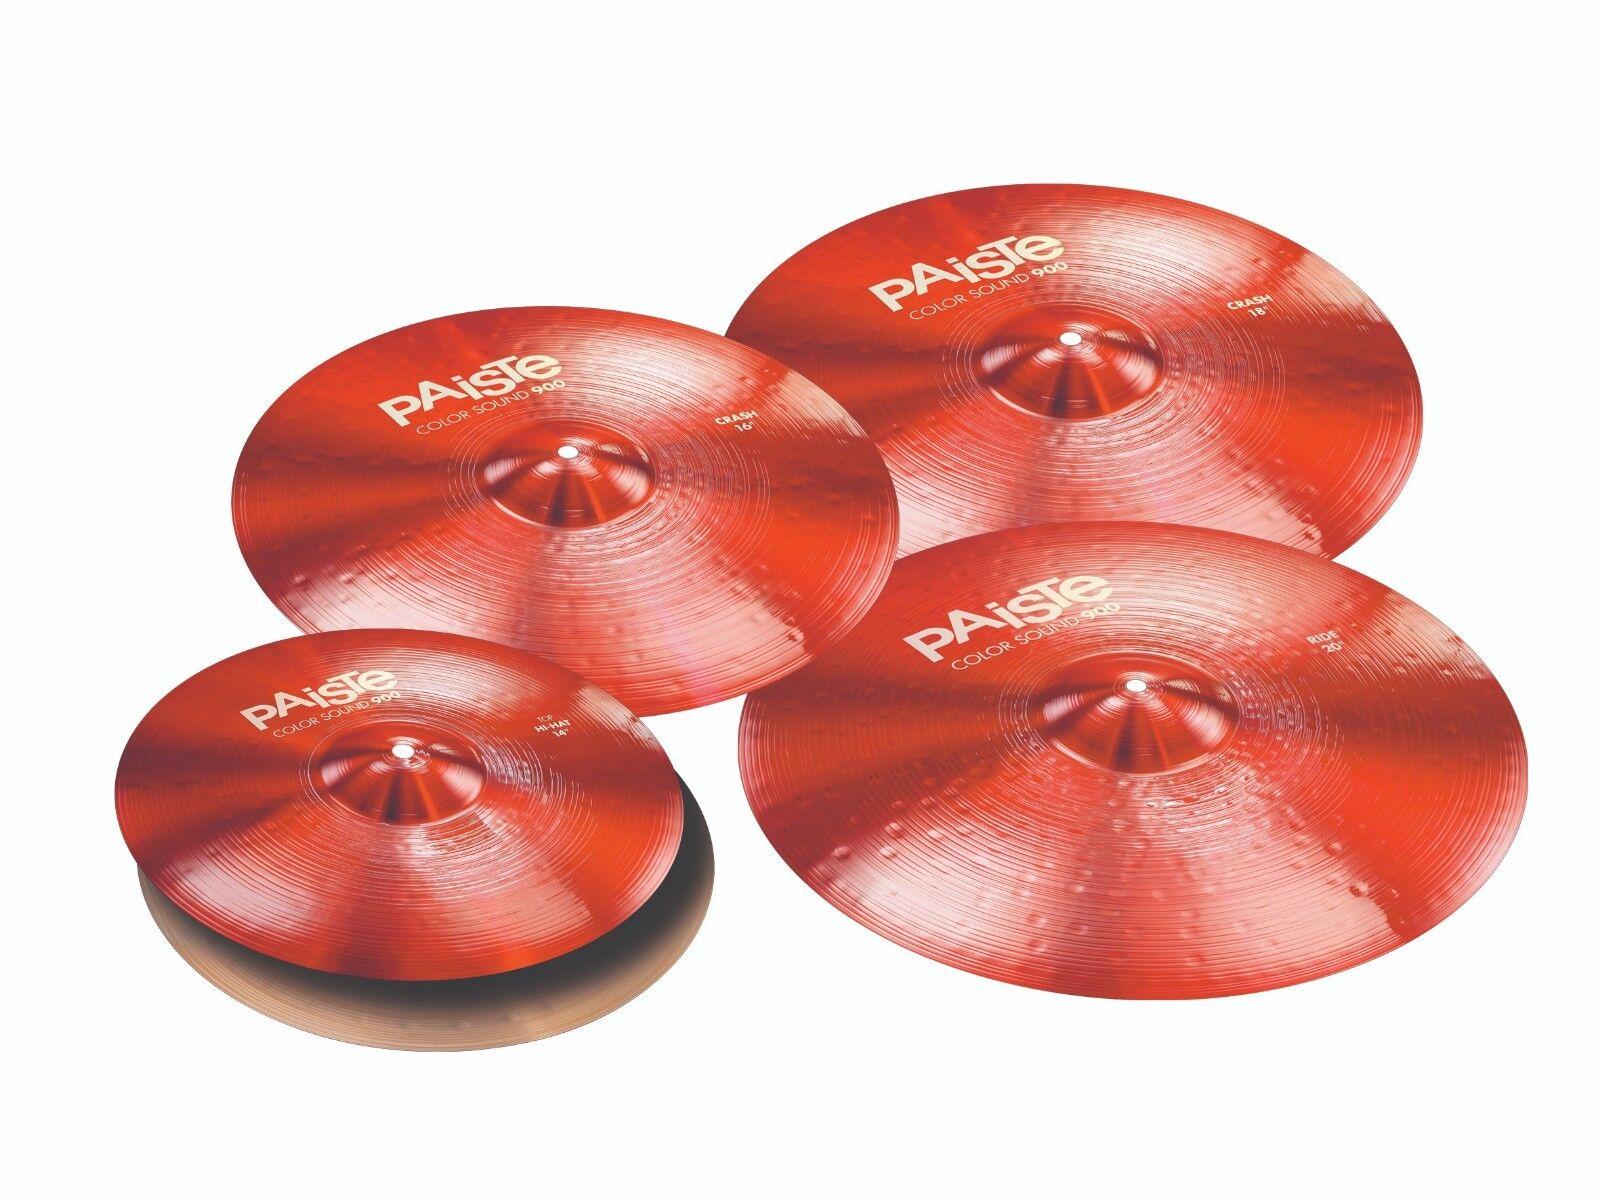 Paiste Farbe Sound 900 rot 5 Pc Universal Cymbal Set Free Cymbal Bag-Sticks